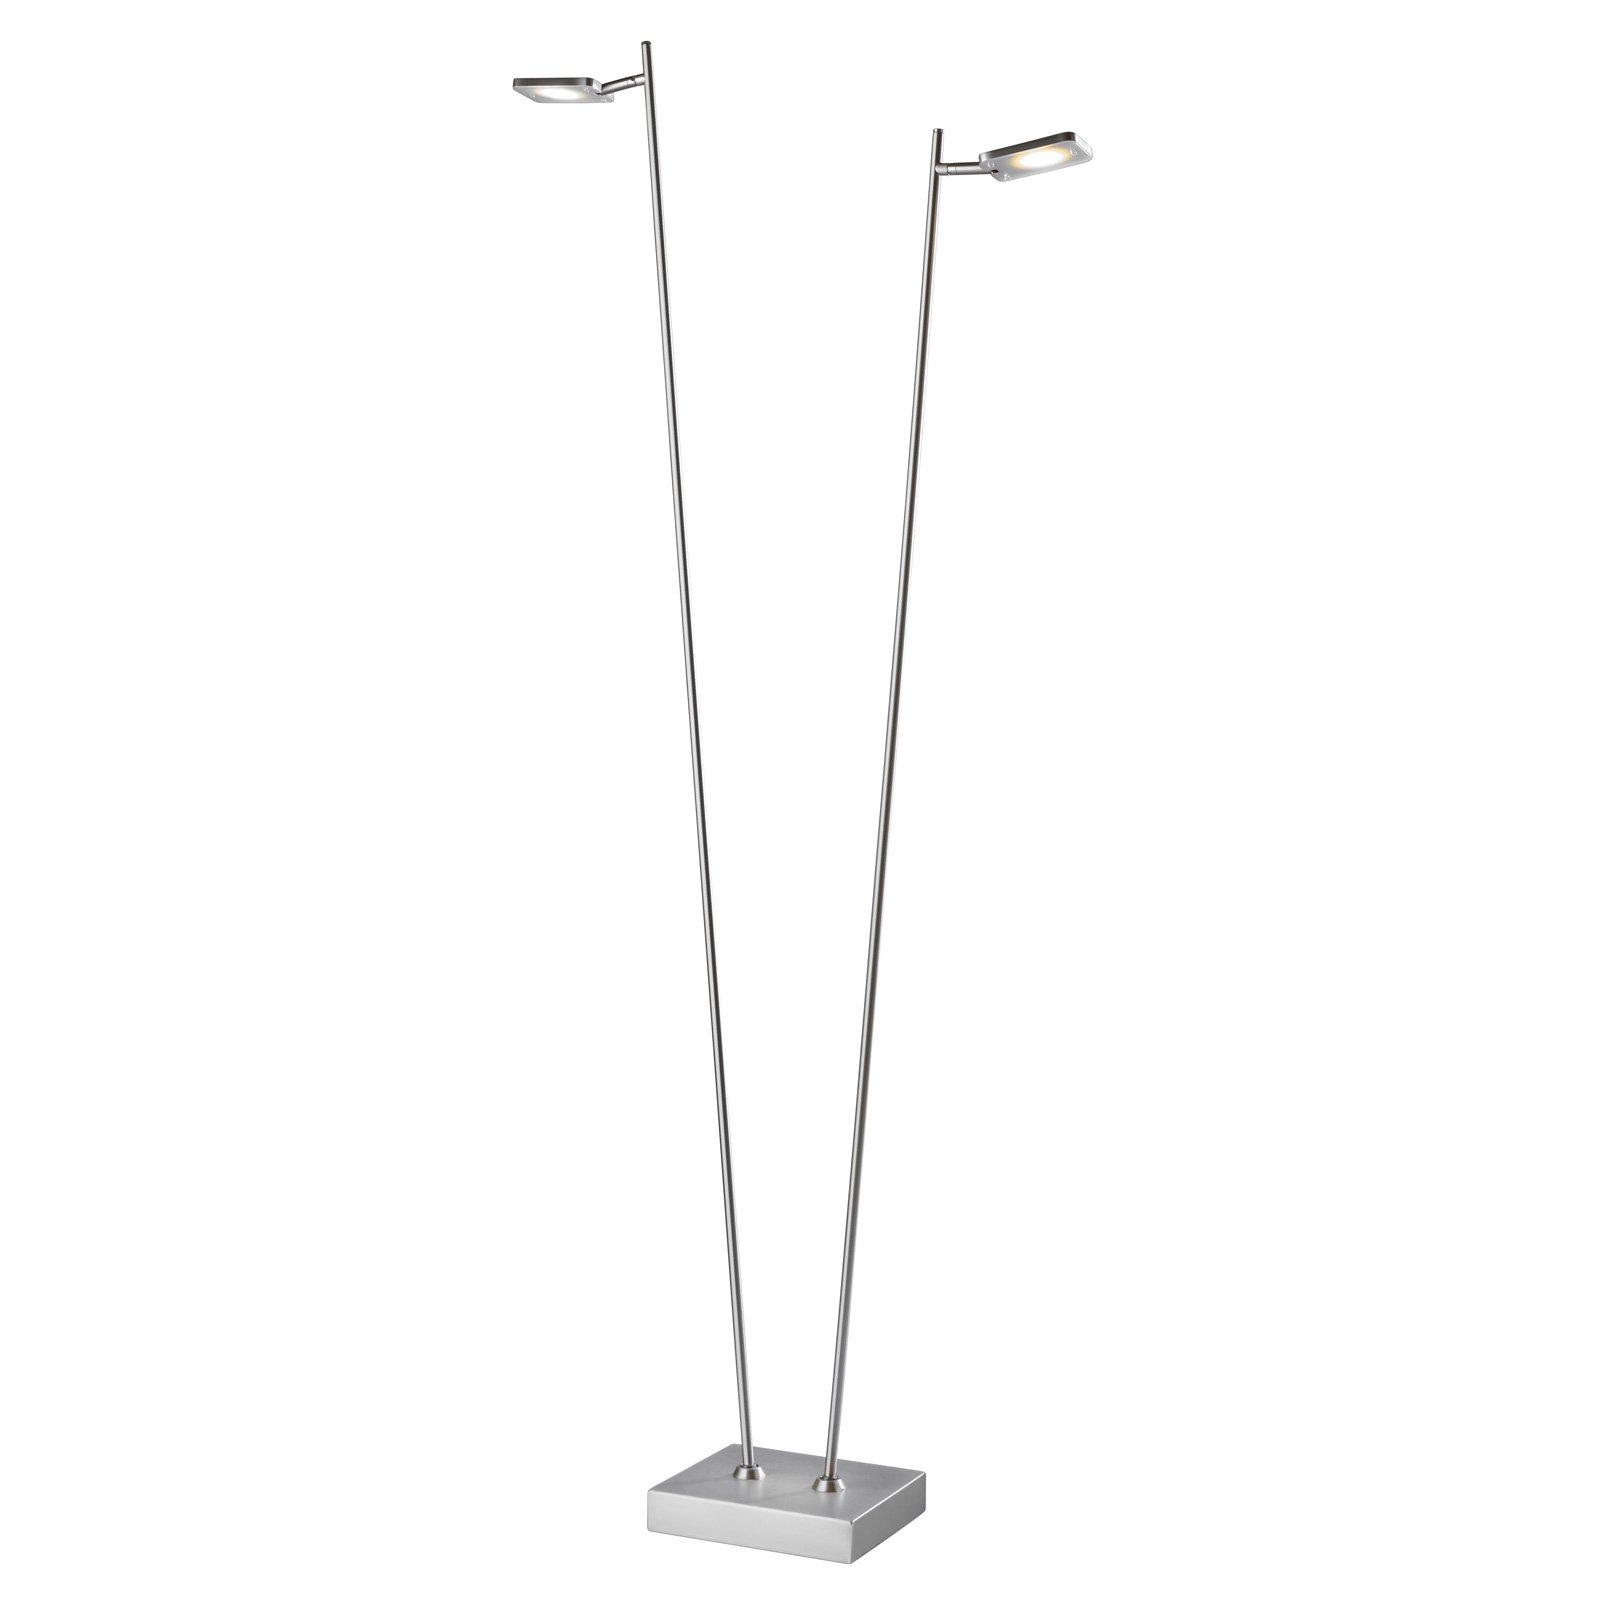 LED-gulvlampe Quad, dimmer, 2 lyskilde, aluminium